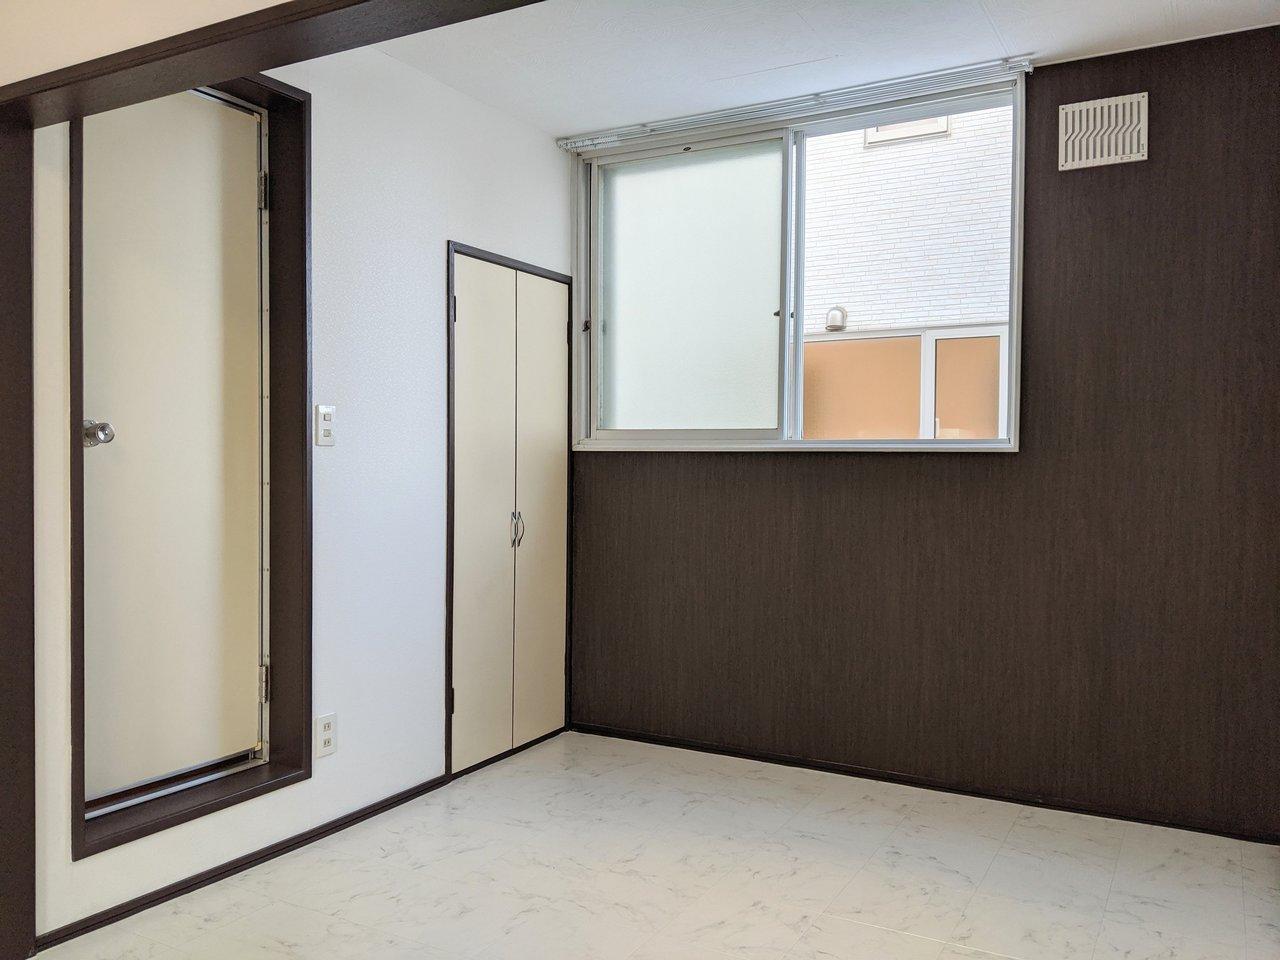 奥の部屋は寝室やリラックススペースに。ブラウンのアクセントクロスがお部屋を引き締めて、落ち着いた印象にしてくれています。